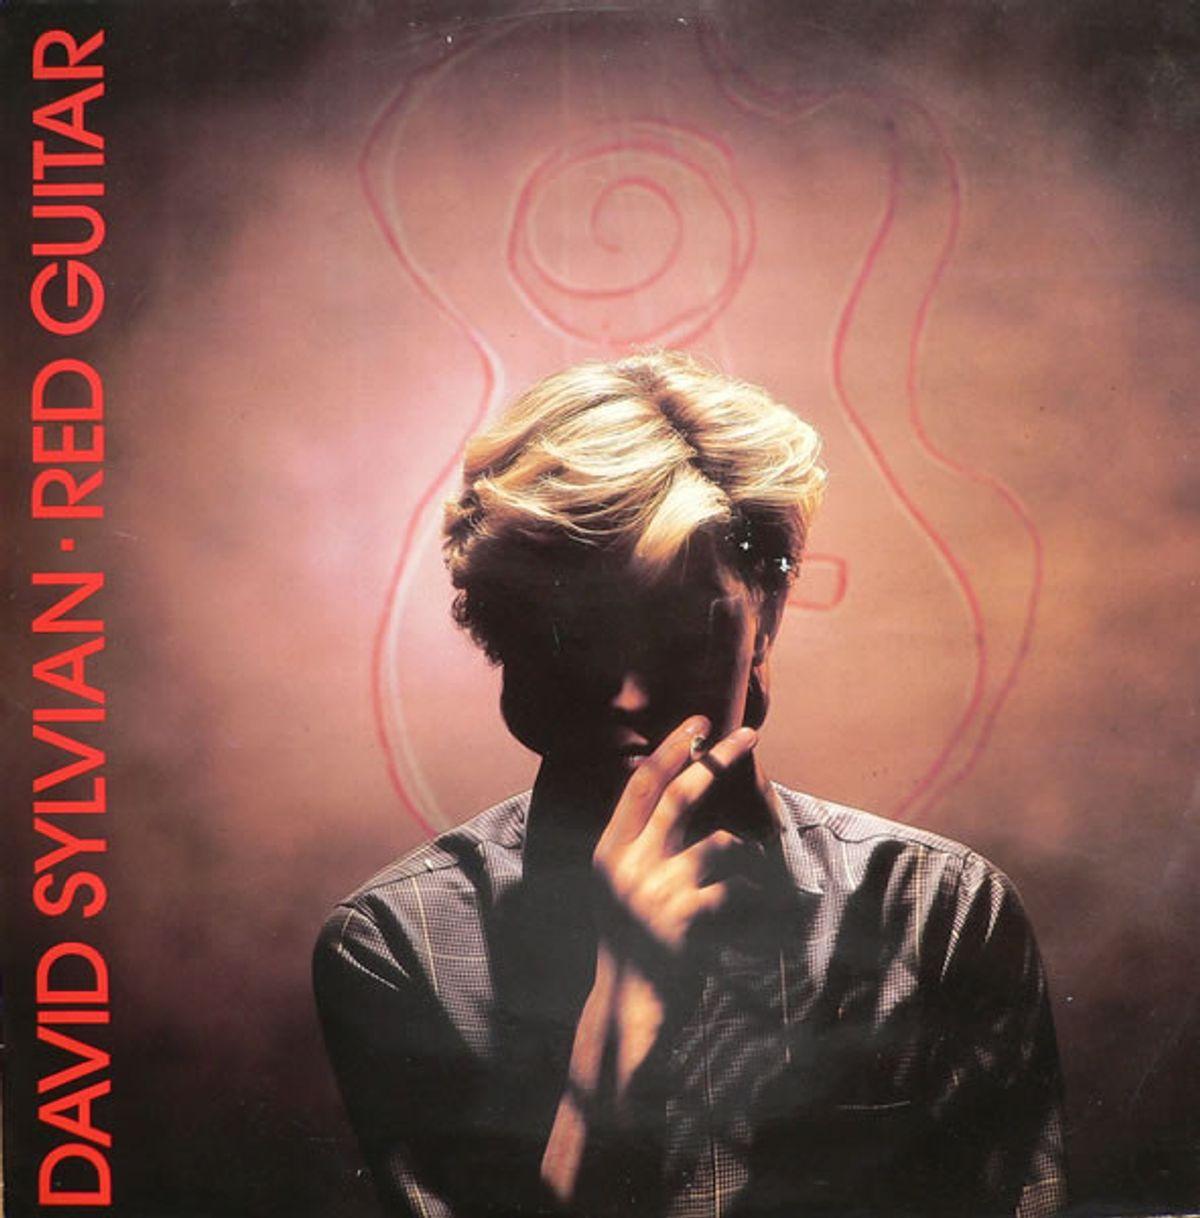 #DavidSylvian - David Sylvian - Red Guitar (1984)